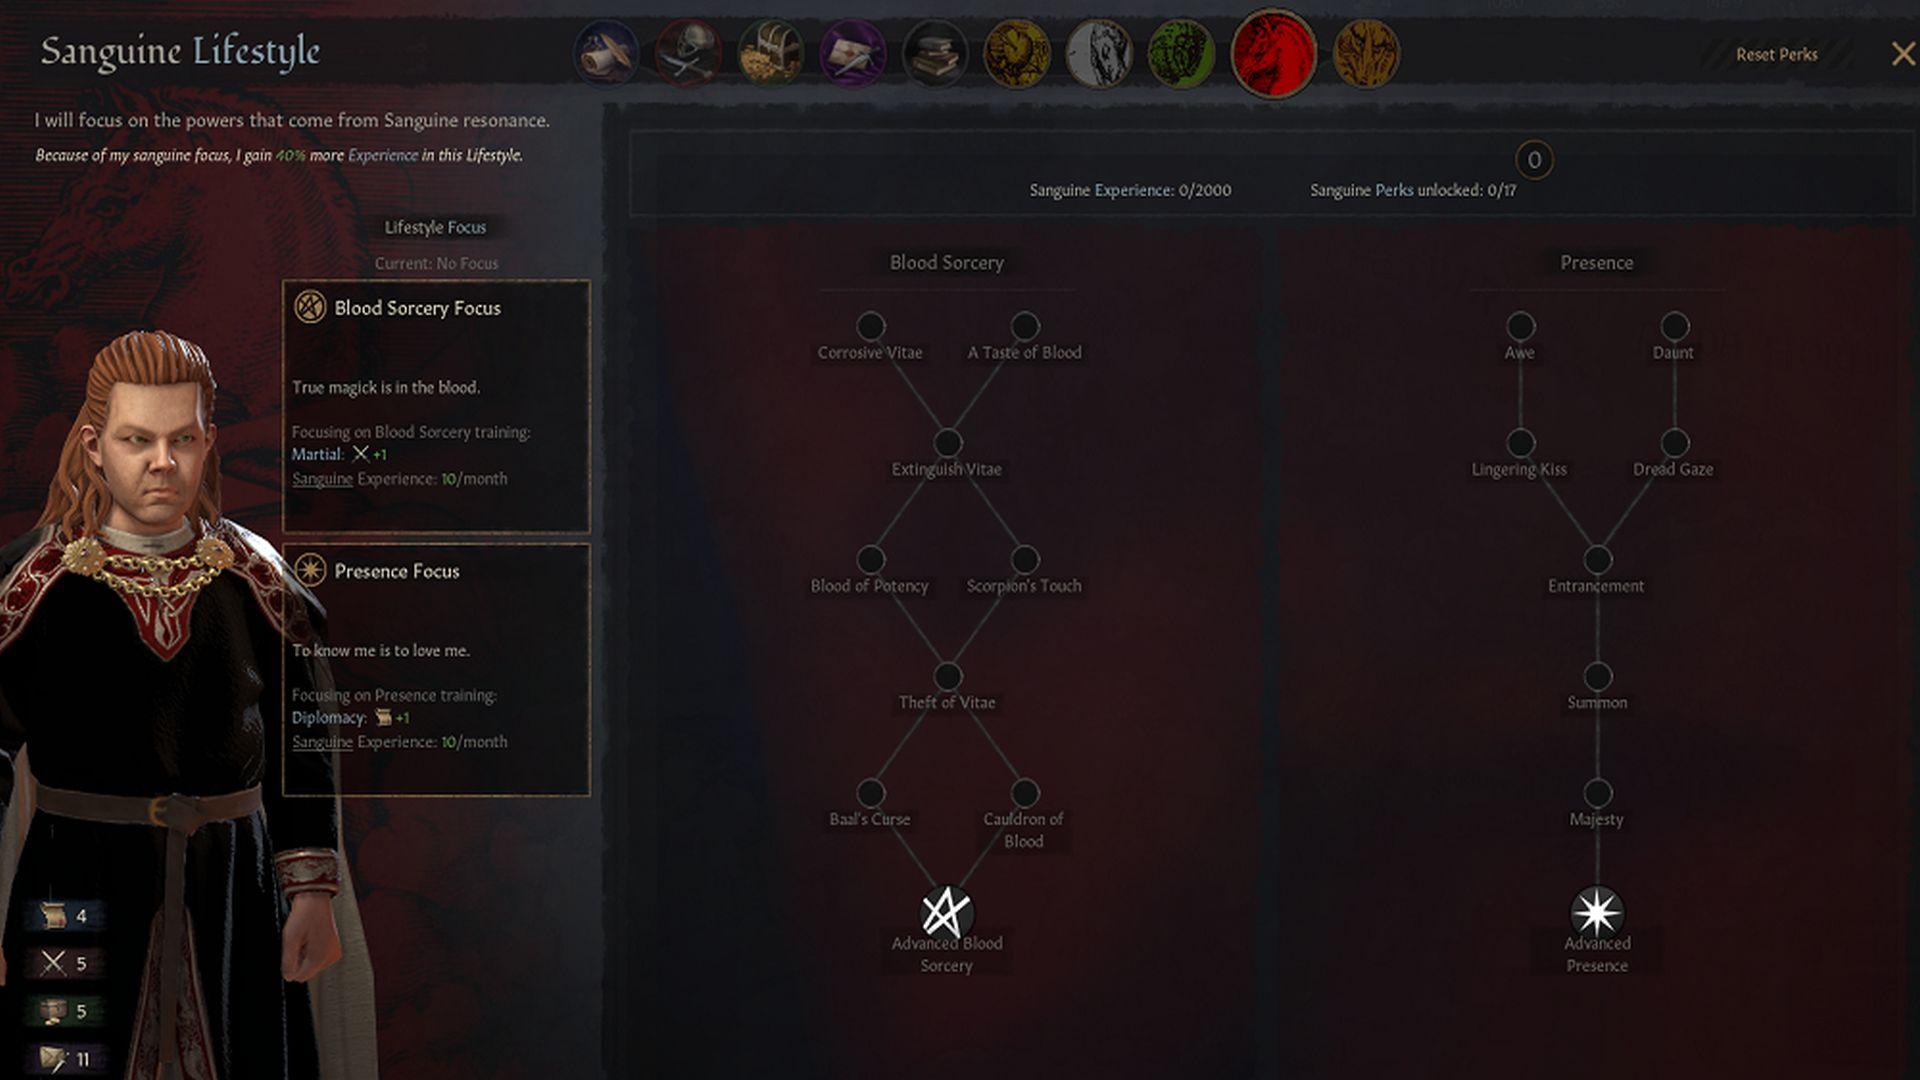 Una captura de pantalla de Crusader Kings 3 que muestra las opciones de desarrollo del personaje de un vampiro